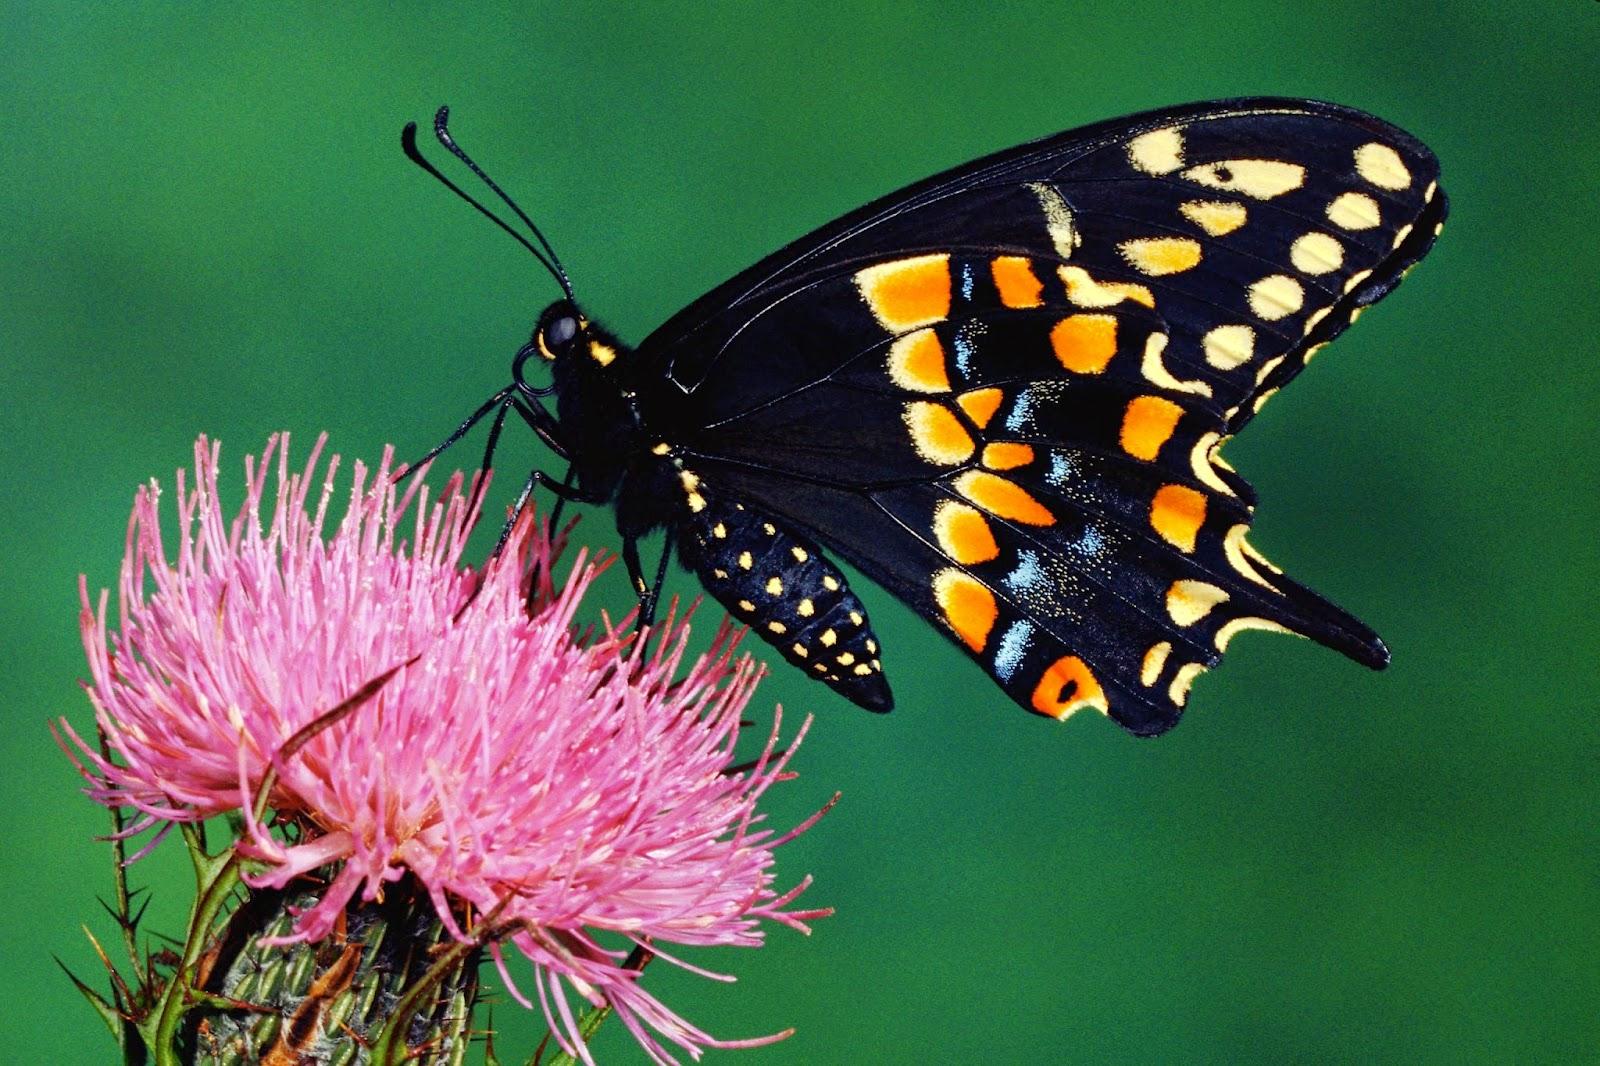 Imagenes De Mariposas De Colores: Banco De Imagenes Y Fotos Gratis: Imagenes De Mariposas